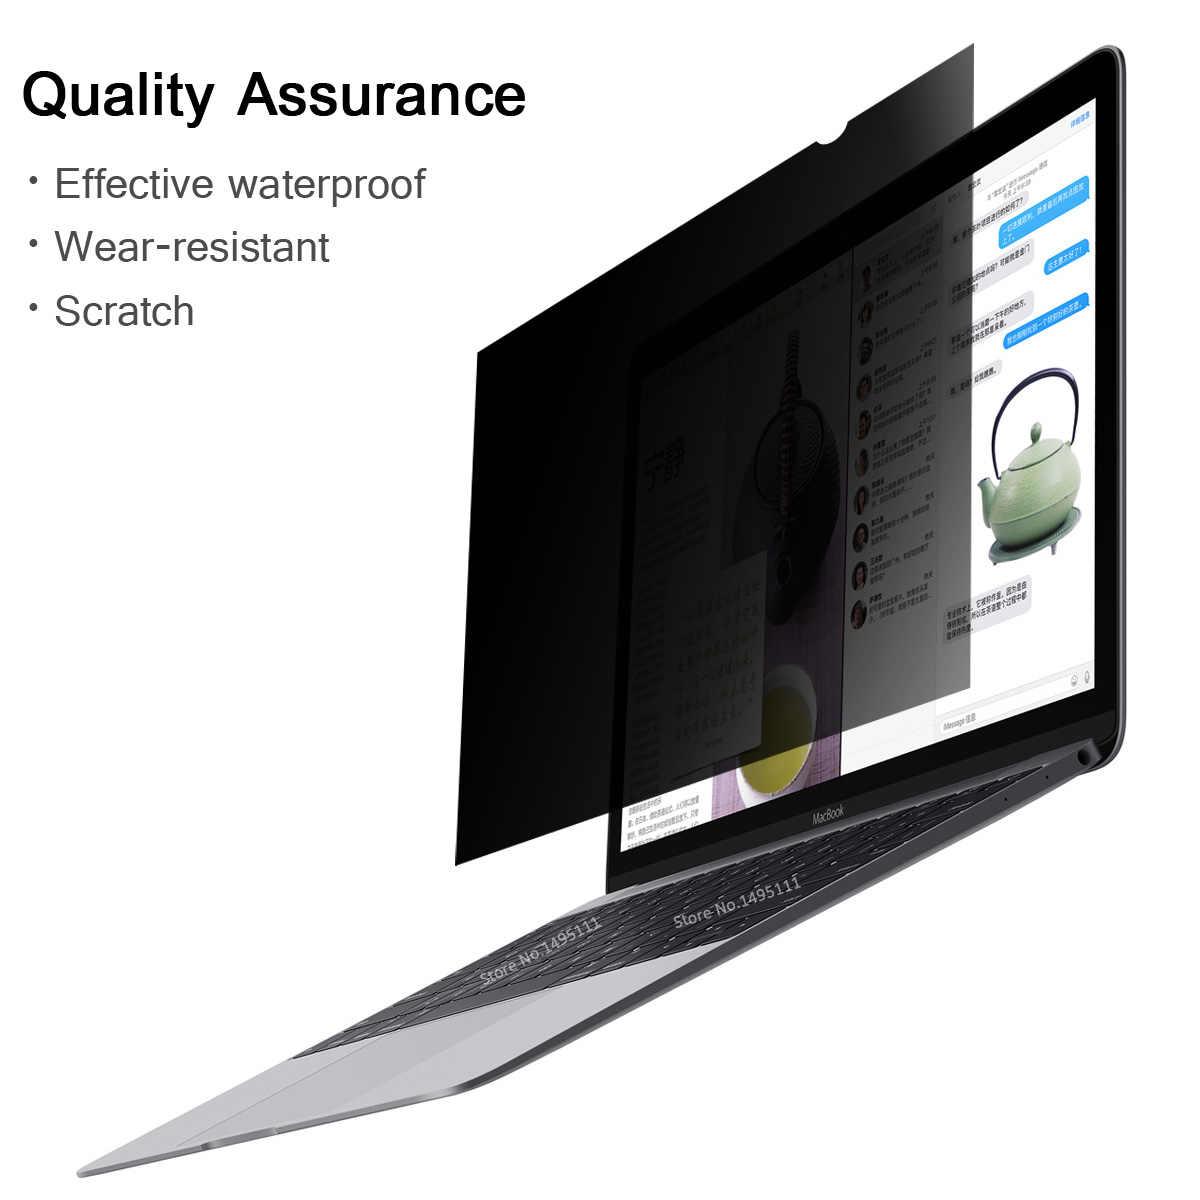 עבור Apple Macbook Air 13.3 אינץ (286mm * 179mm) מסנן פרטיות מחשב נייד מחברת נגד בוהק מסך מגן מגן סרט